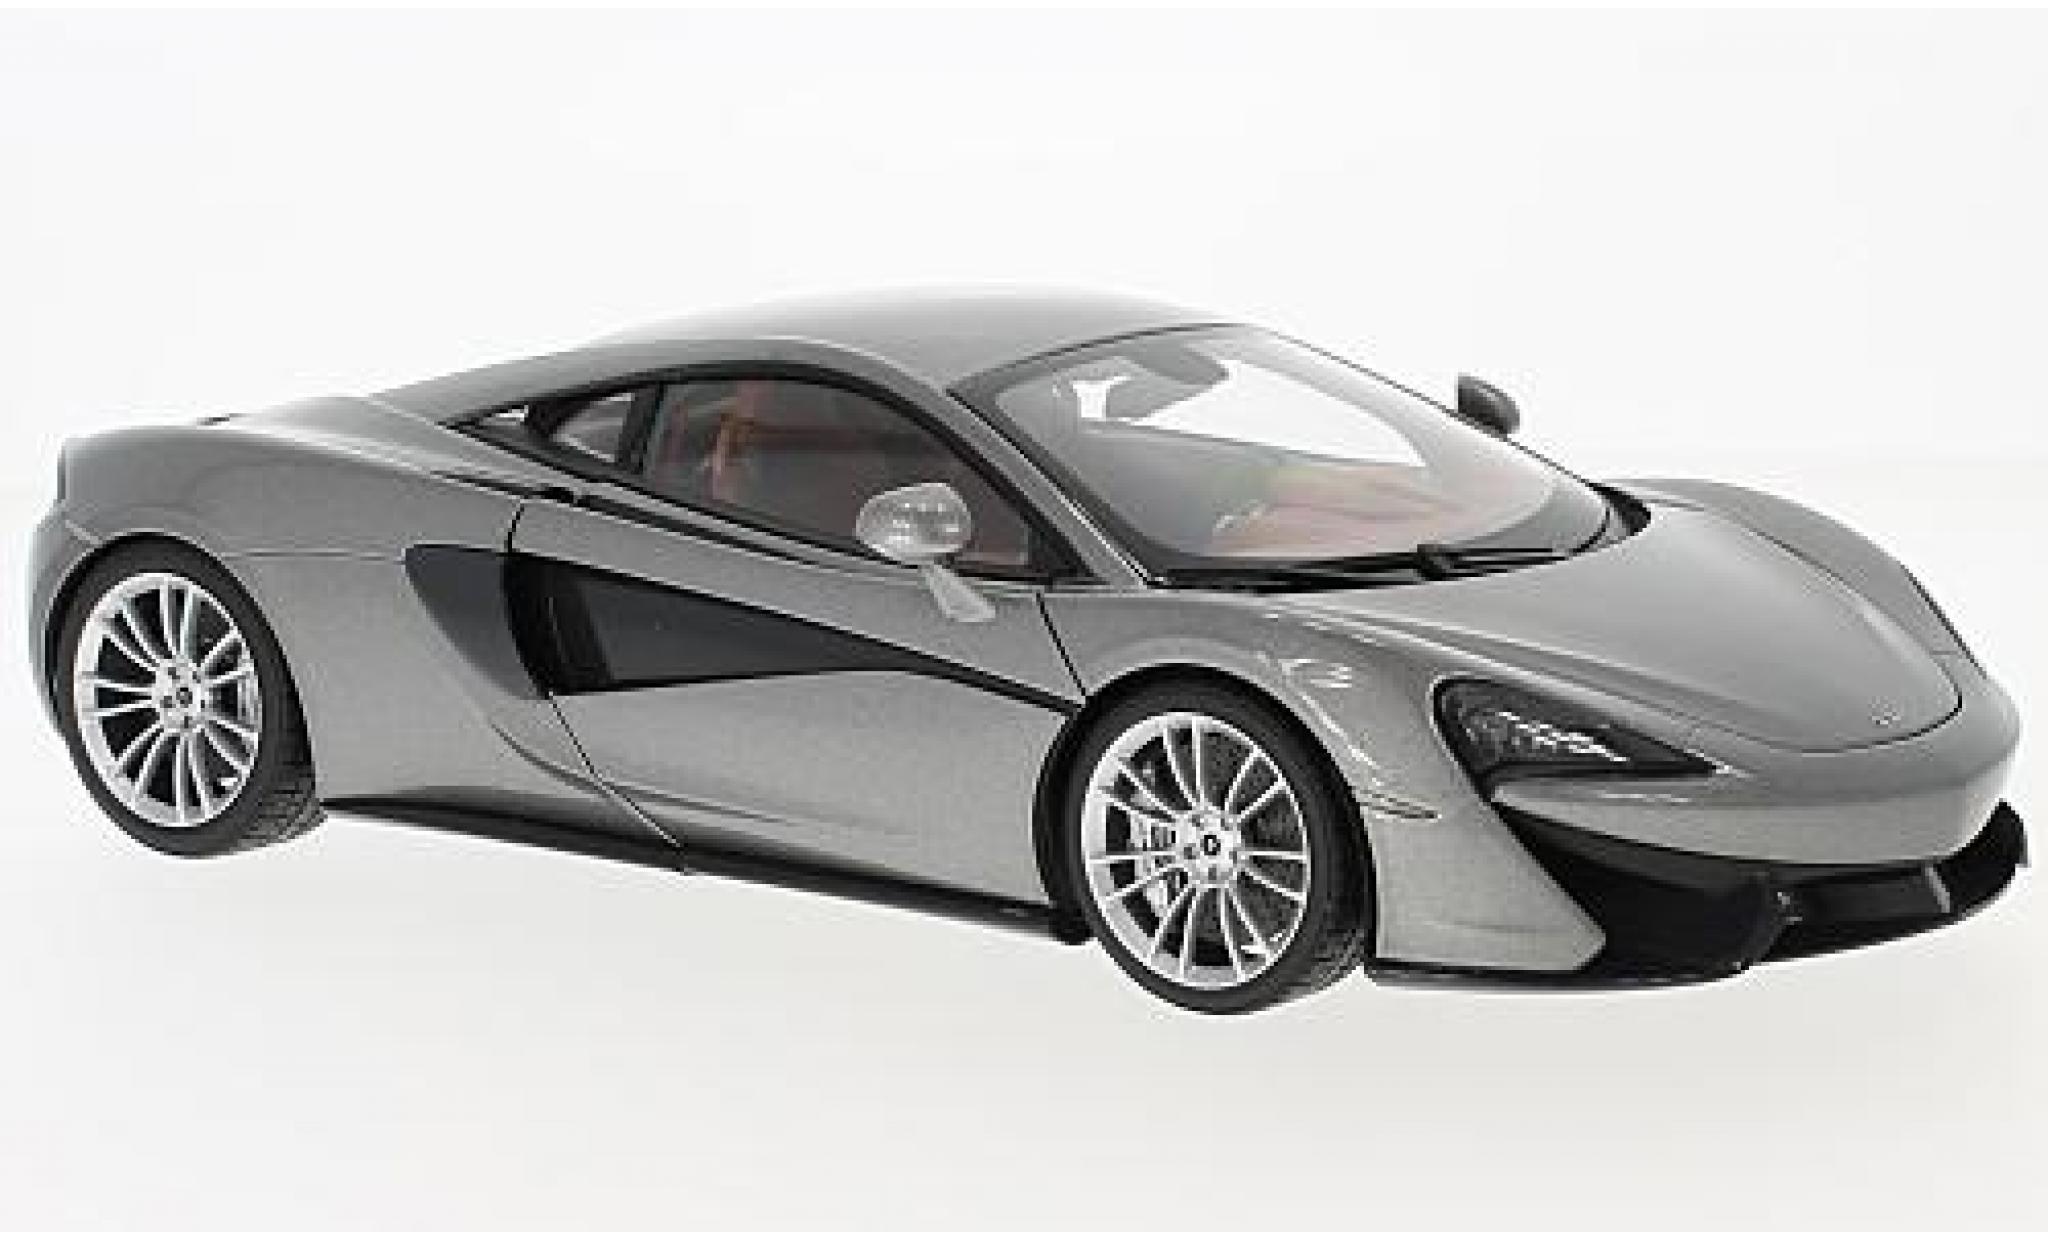 McLaren 570 1/18 AUTOart S grey 2016